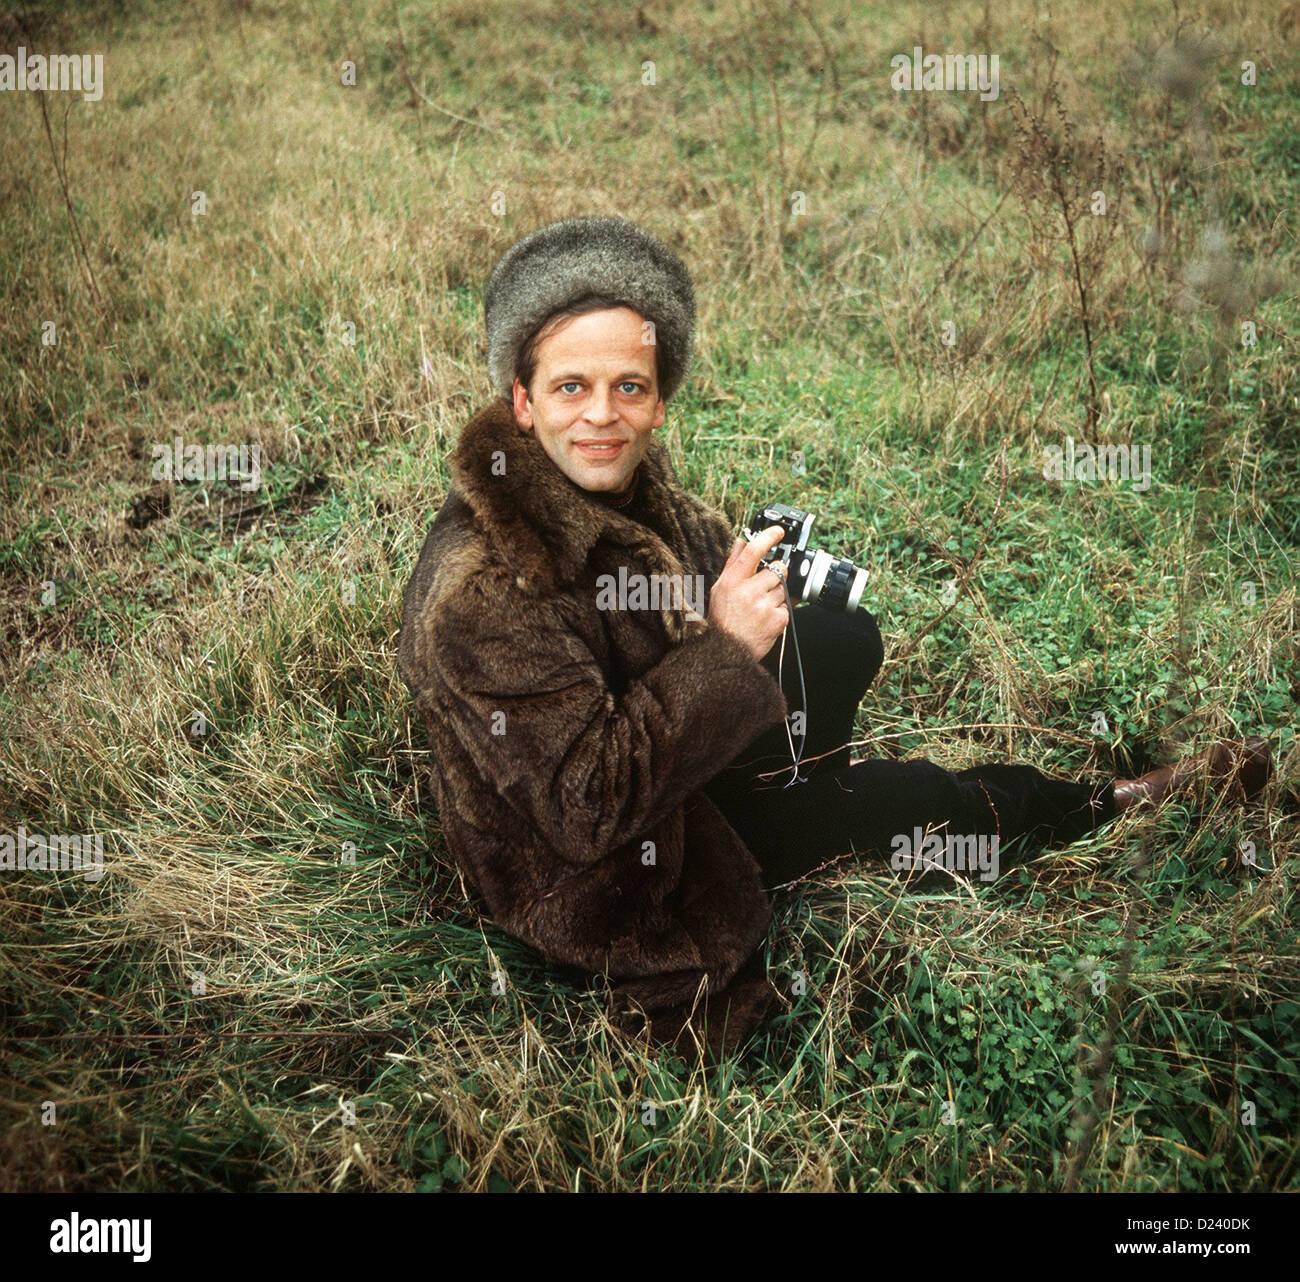 (Afp) - L'acteur allemand Klaus Kinski est assis dans l'herbe, tenant un appareil photo, 2 septembre 1969. Un 'enfant terrible' de l'industrie du cinéma, ses films: 'Aguirre, der Zorn Gottes' ('Aguirre, la colère de Dieu') et 'Nosferatu: Phantom der Nacht' ('Nosferatu le Vampire'). Kinski est né le 18 octobre 1926 à Zoppot/Danzig, Allemagne (maintenant/Sopot Gdansk, Pologne) sous le nom de Nikolaus Guenther Nakszynski et mort le 23 novembre 1991 à Lagunitas, en Californie, d'une crise cardiaque. Banque D'Images